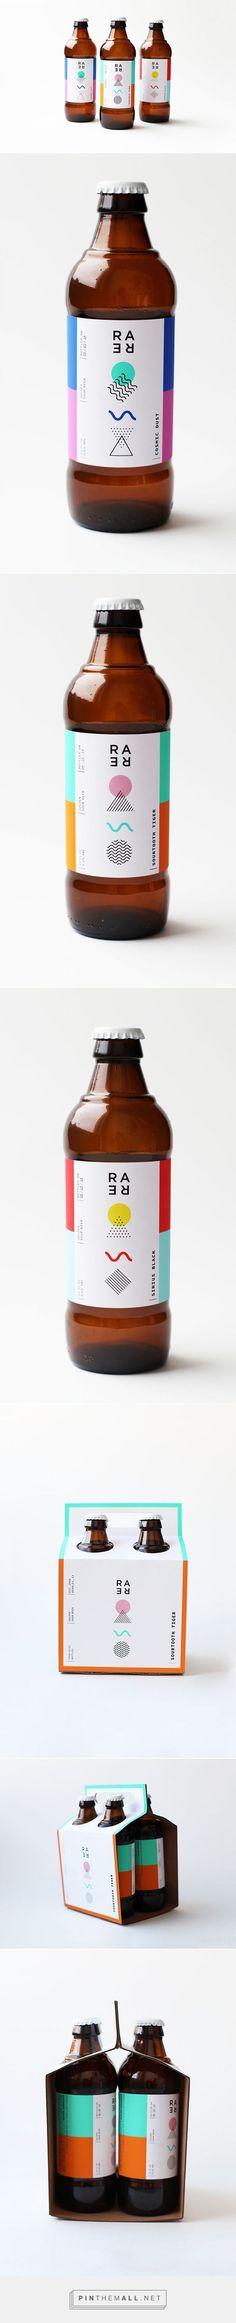 retro design bottle